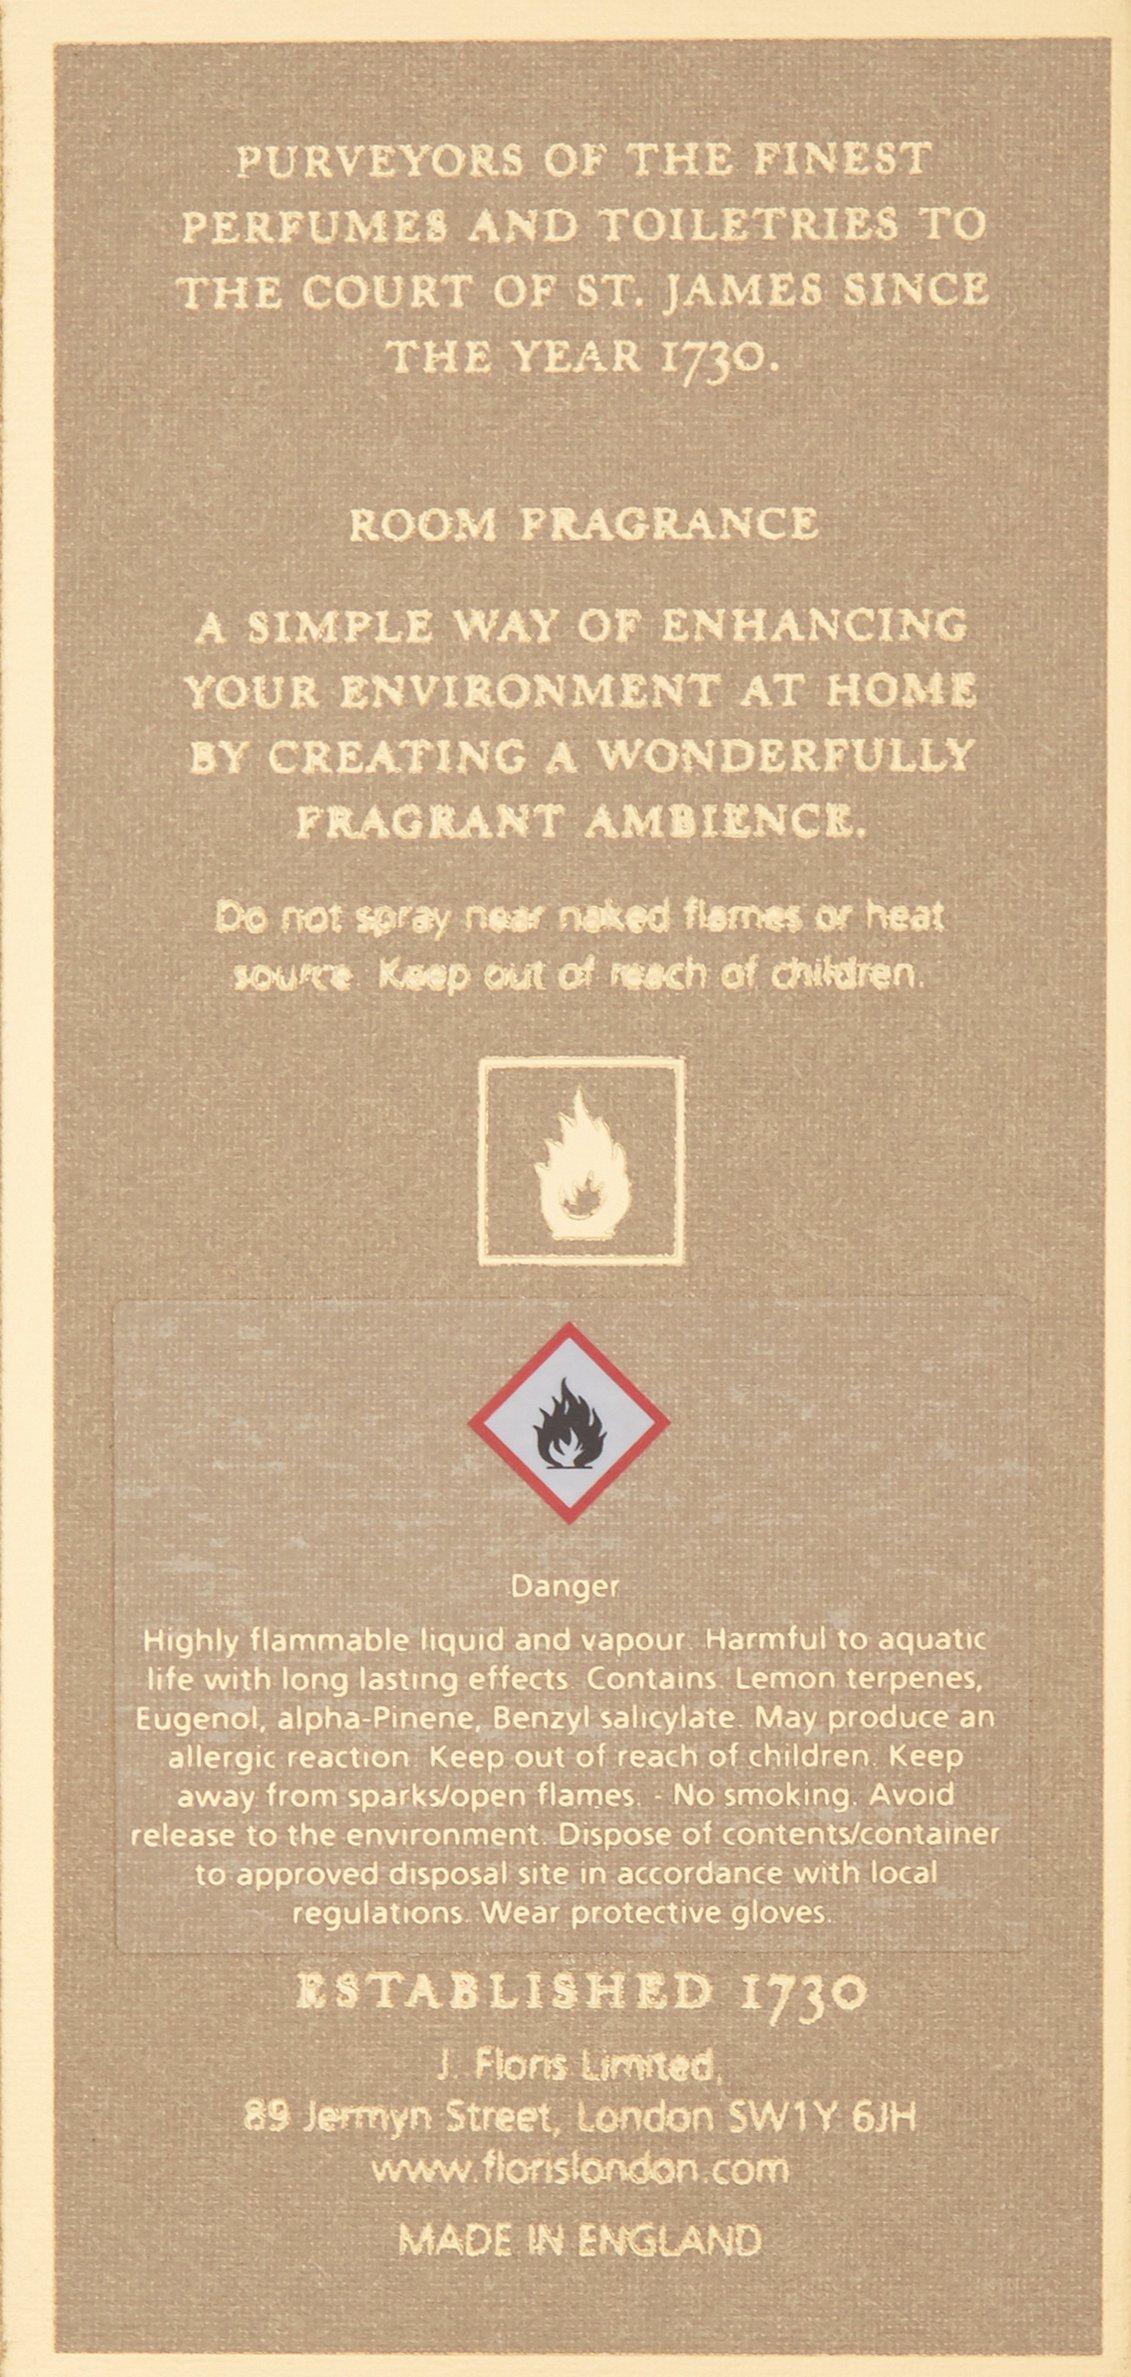 Floris London Sandalwood & Patchouli Room Fragrance, 3.4 Fl Oz by Floris London (Image #2)